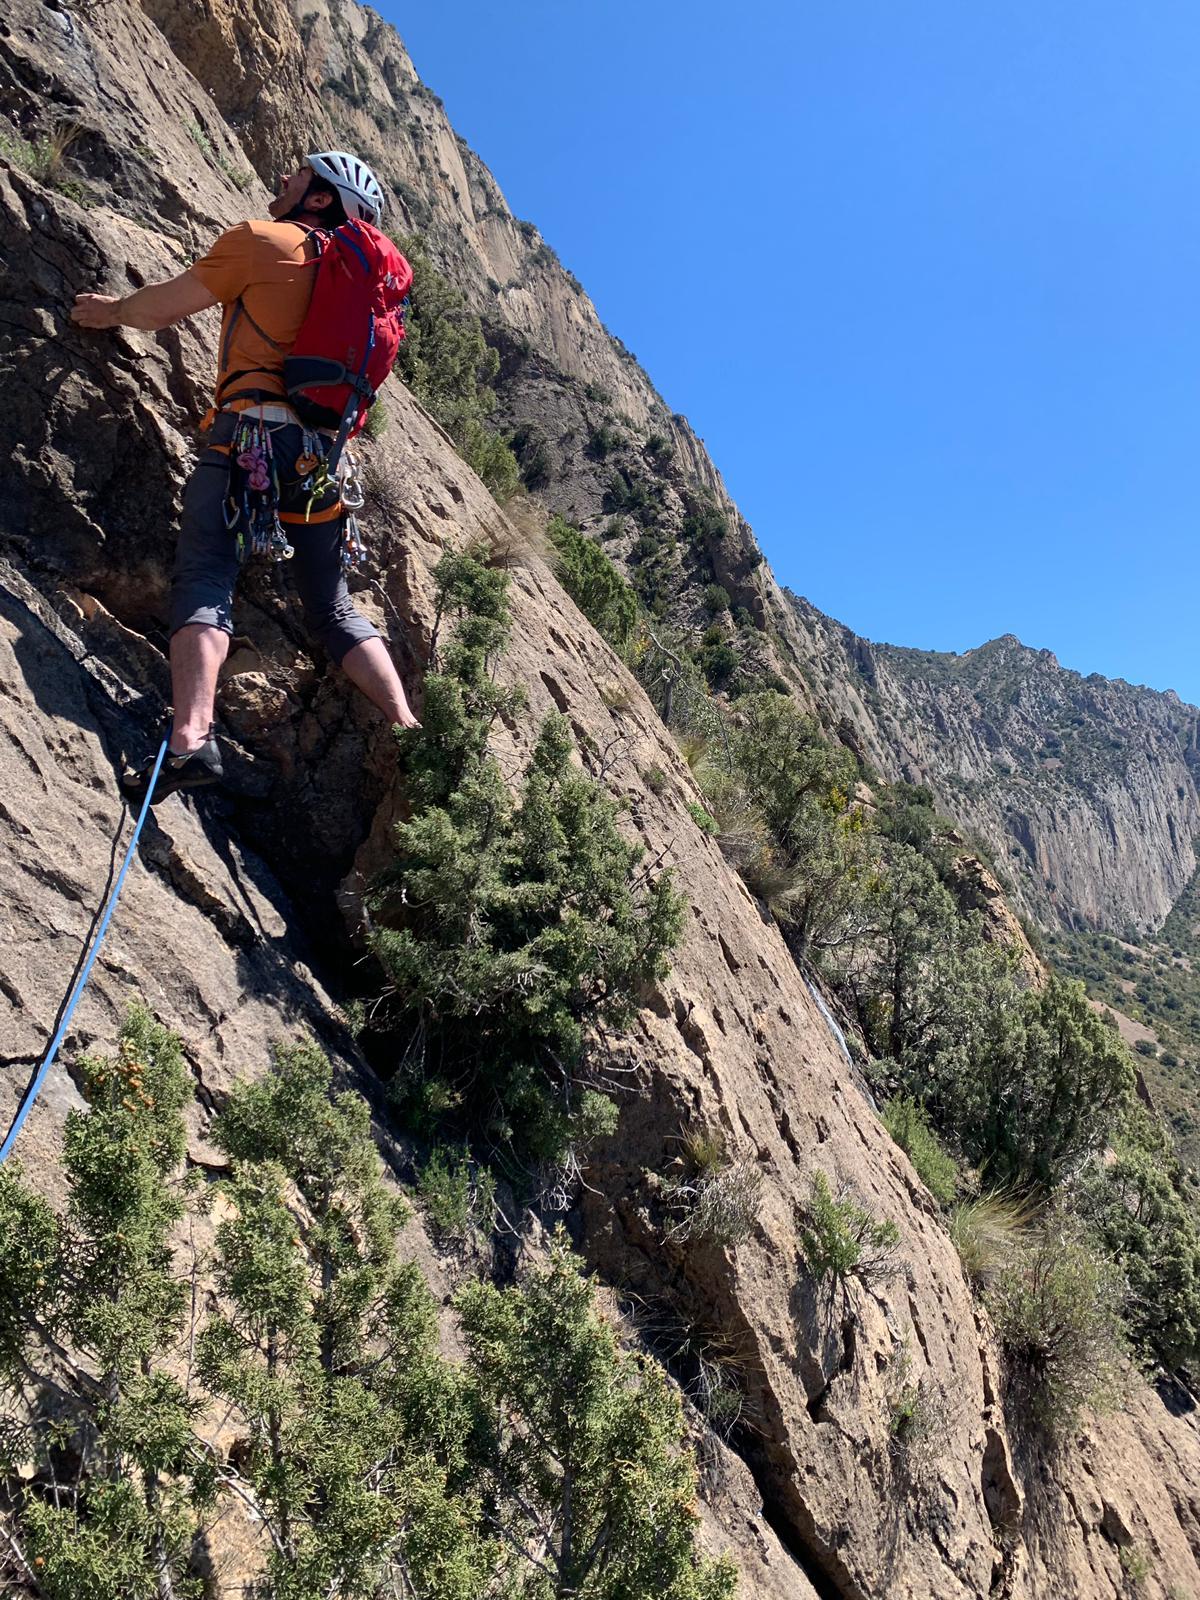 ETEVA formación deportiva en escalada